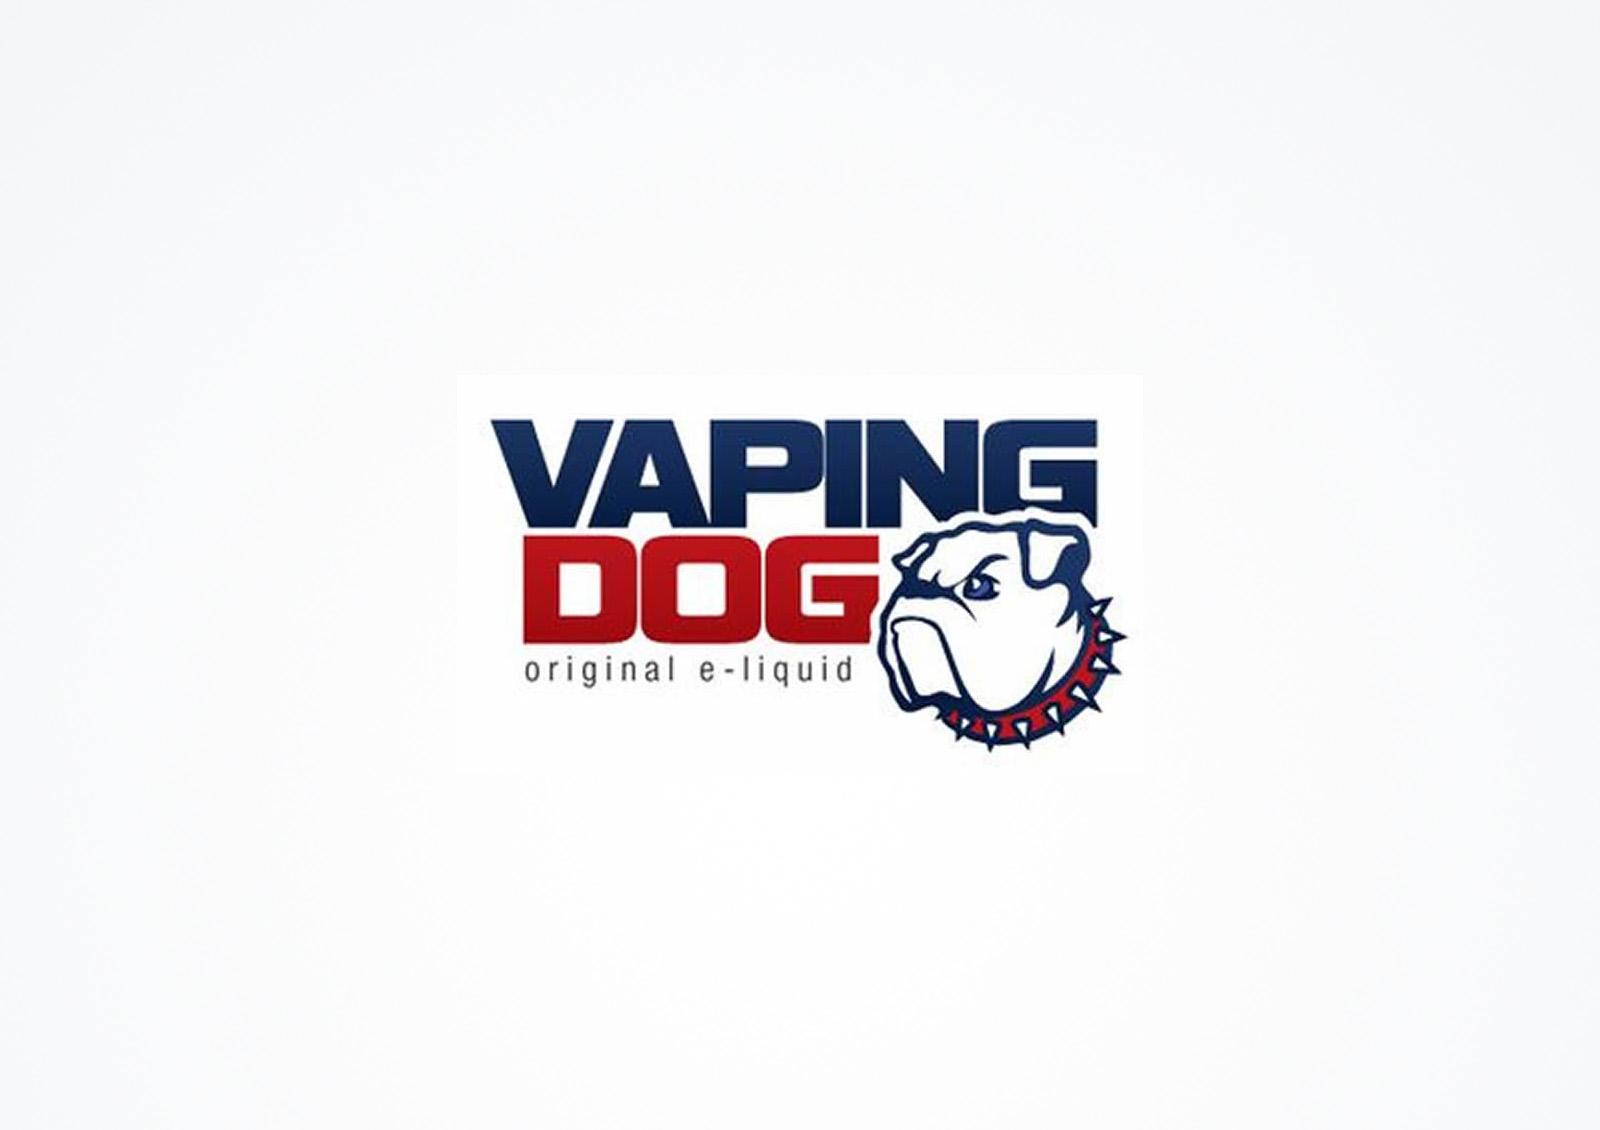 Vaping dog logo